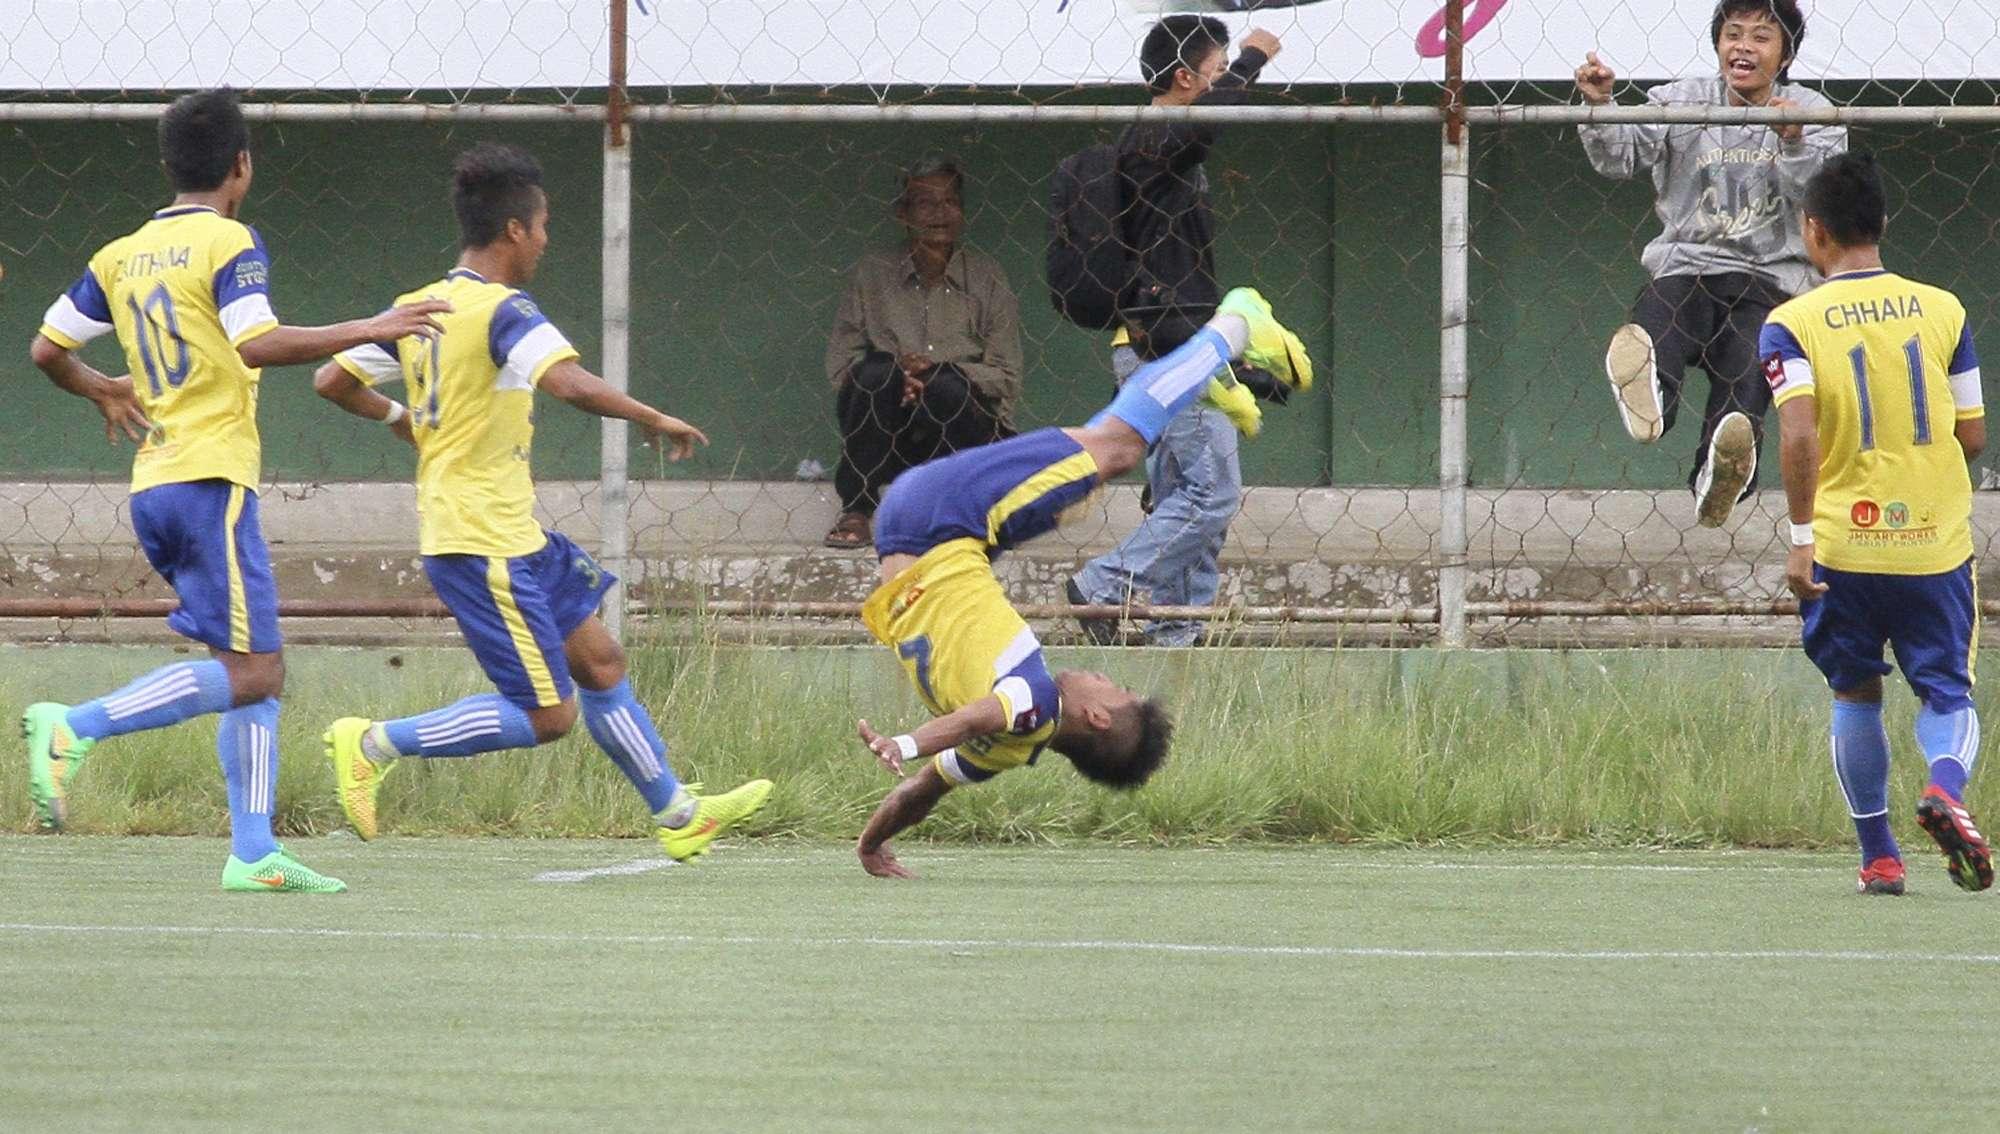 Biaksangzuala durante salto que provocou sua morte Foto: Ropuia Ralte/AP